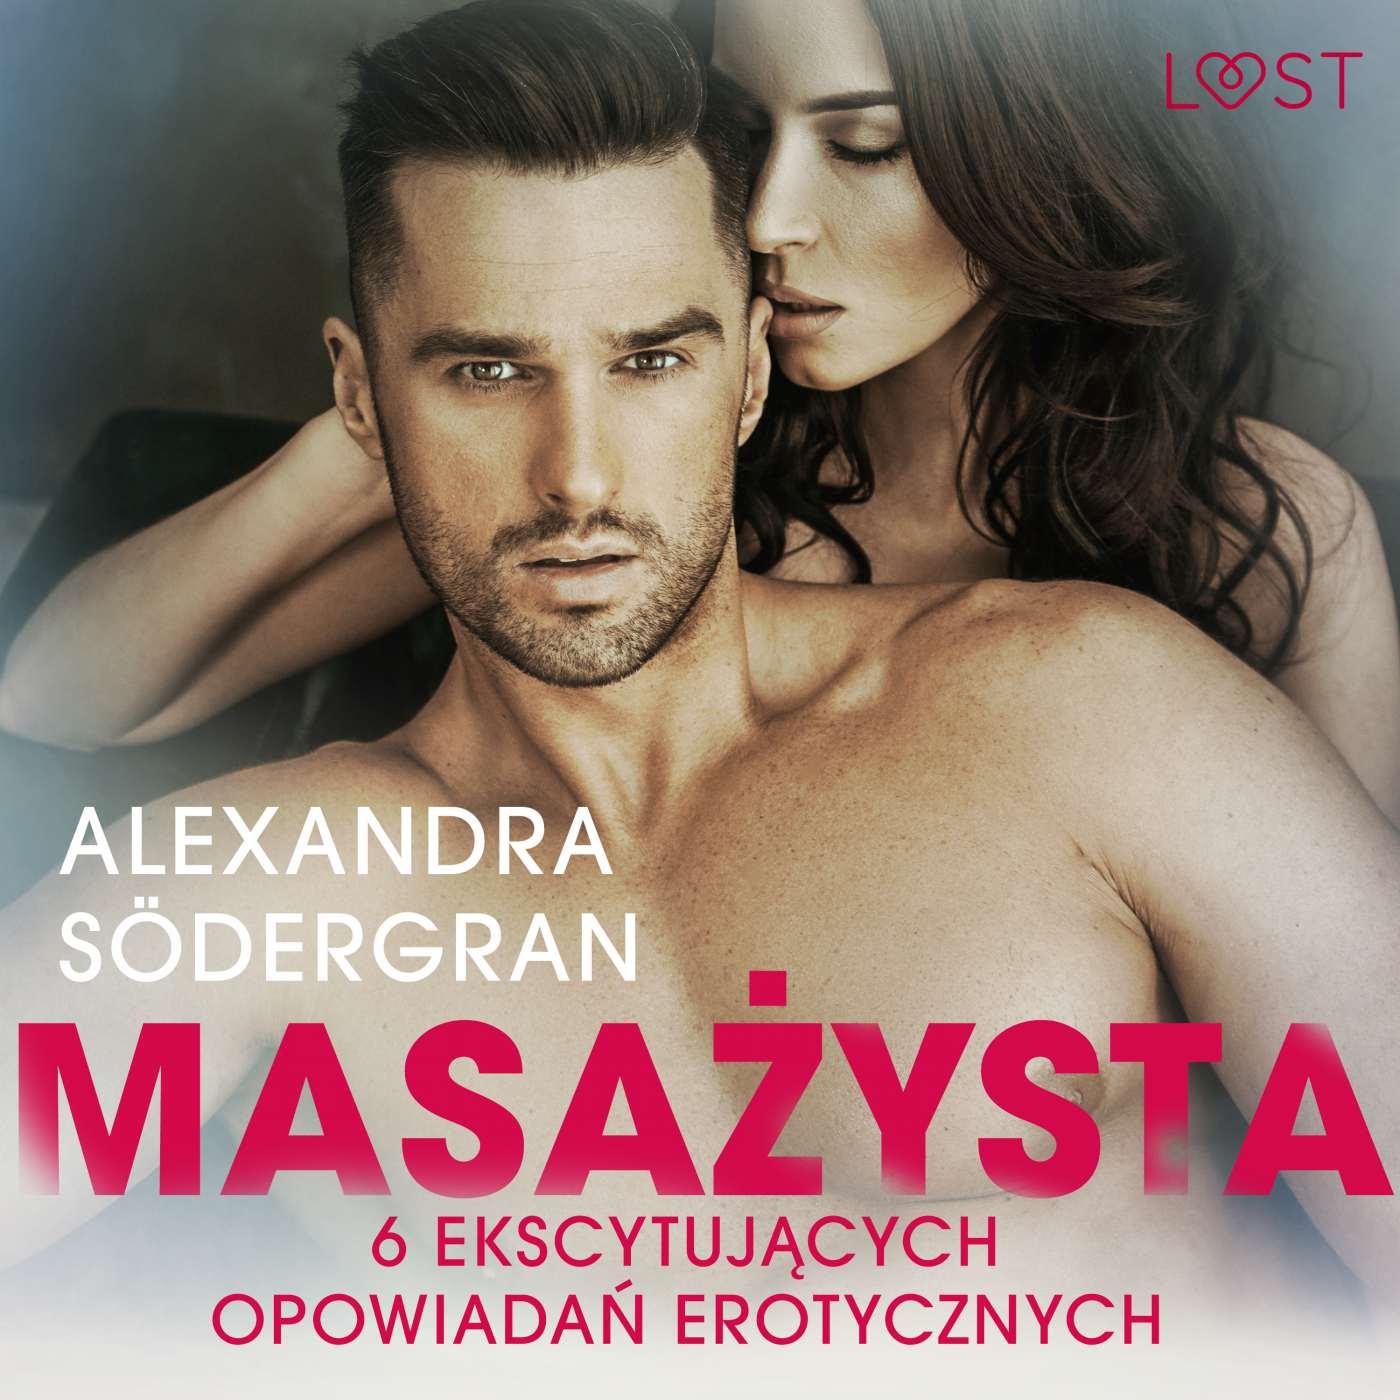 Masażysta - 6 ekscytujących opowiadań erotycznych - Audiobook (Książka audio MP3) do pobrania w całości w archiwum ZIP